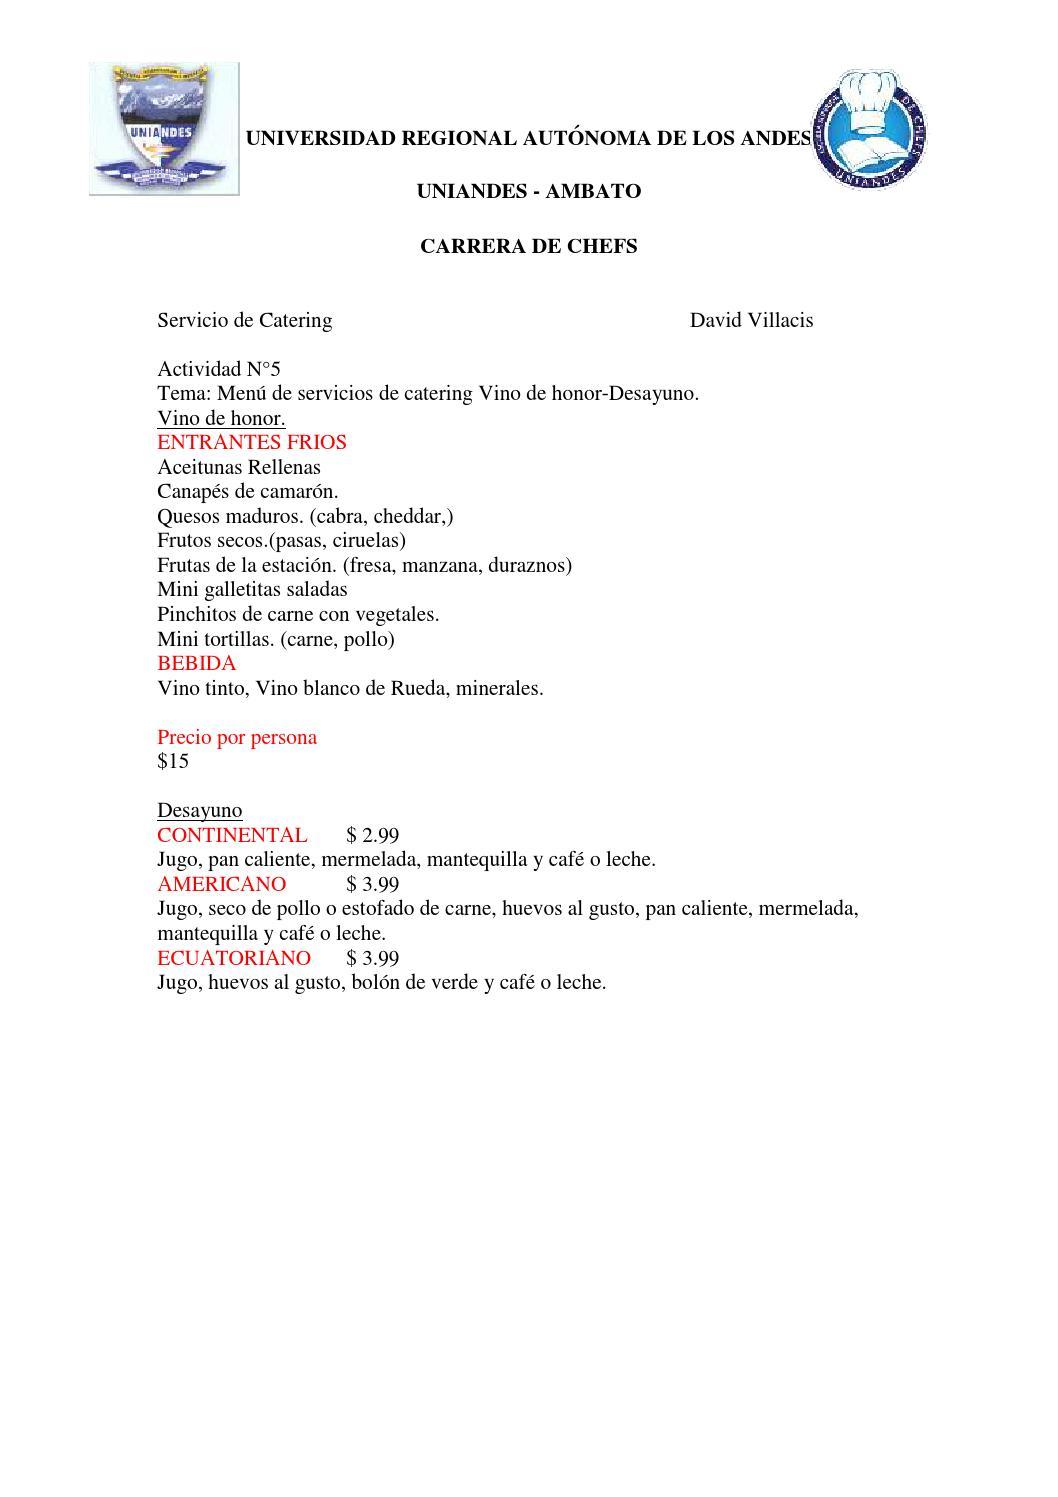 Actividad 5 diagrama de flujo y ejemplos de menus vino de honor actividad 5 diagrama de flujo y ejemplos de menus vino de honor desayuno by david villacis issuu ccuart Gallery